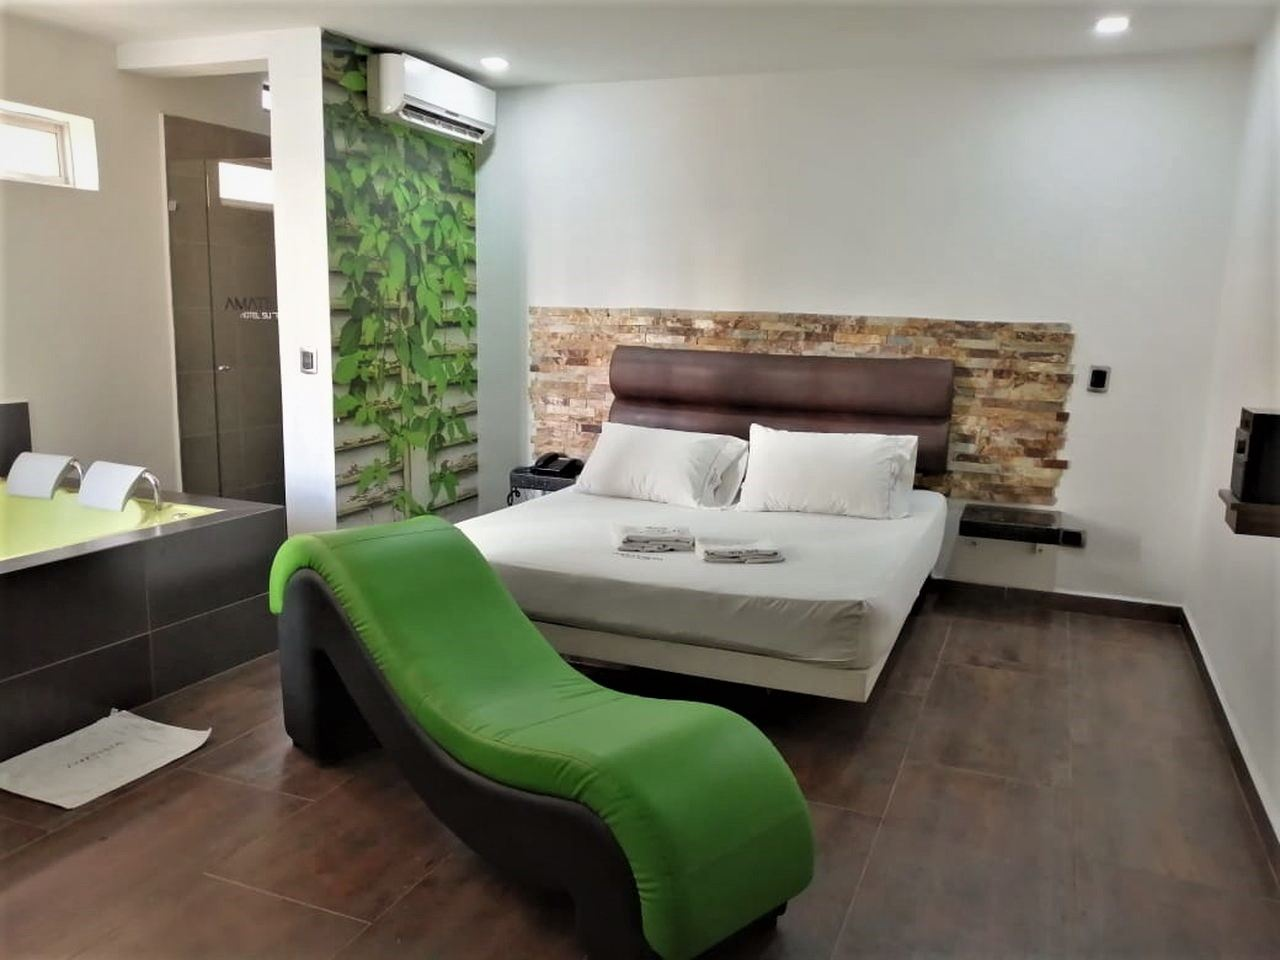 Hotel Amatista Suite  en Centro - La Candelaria : MotelNow